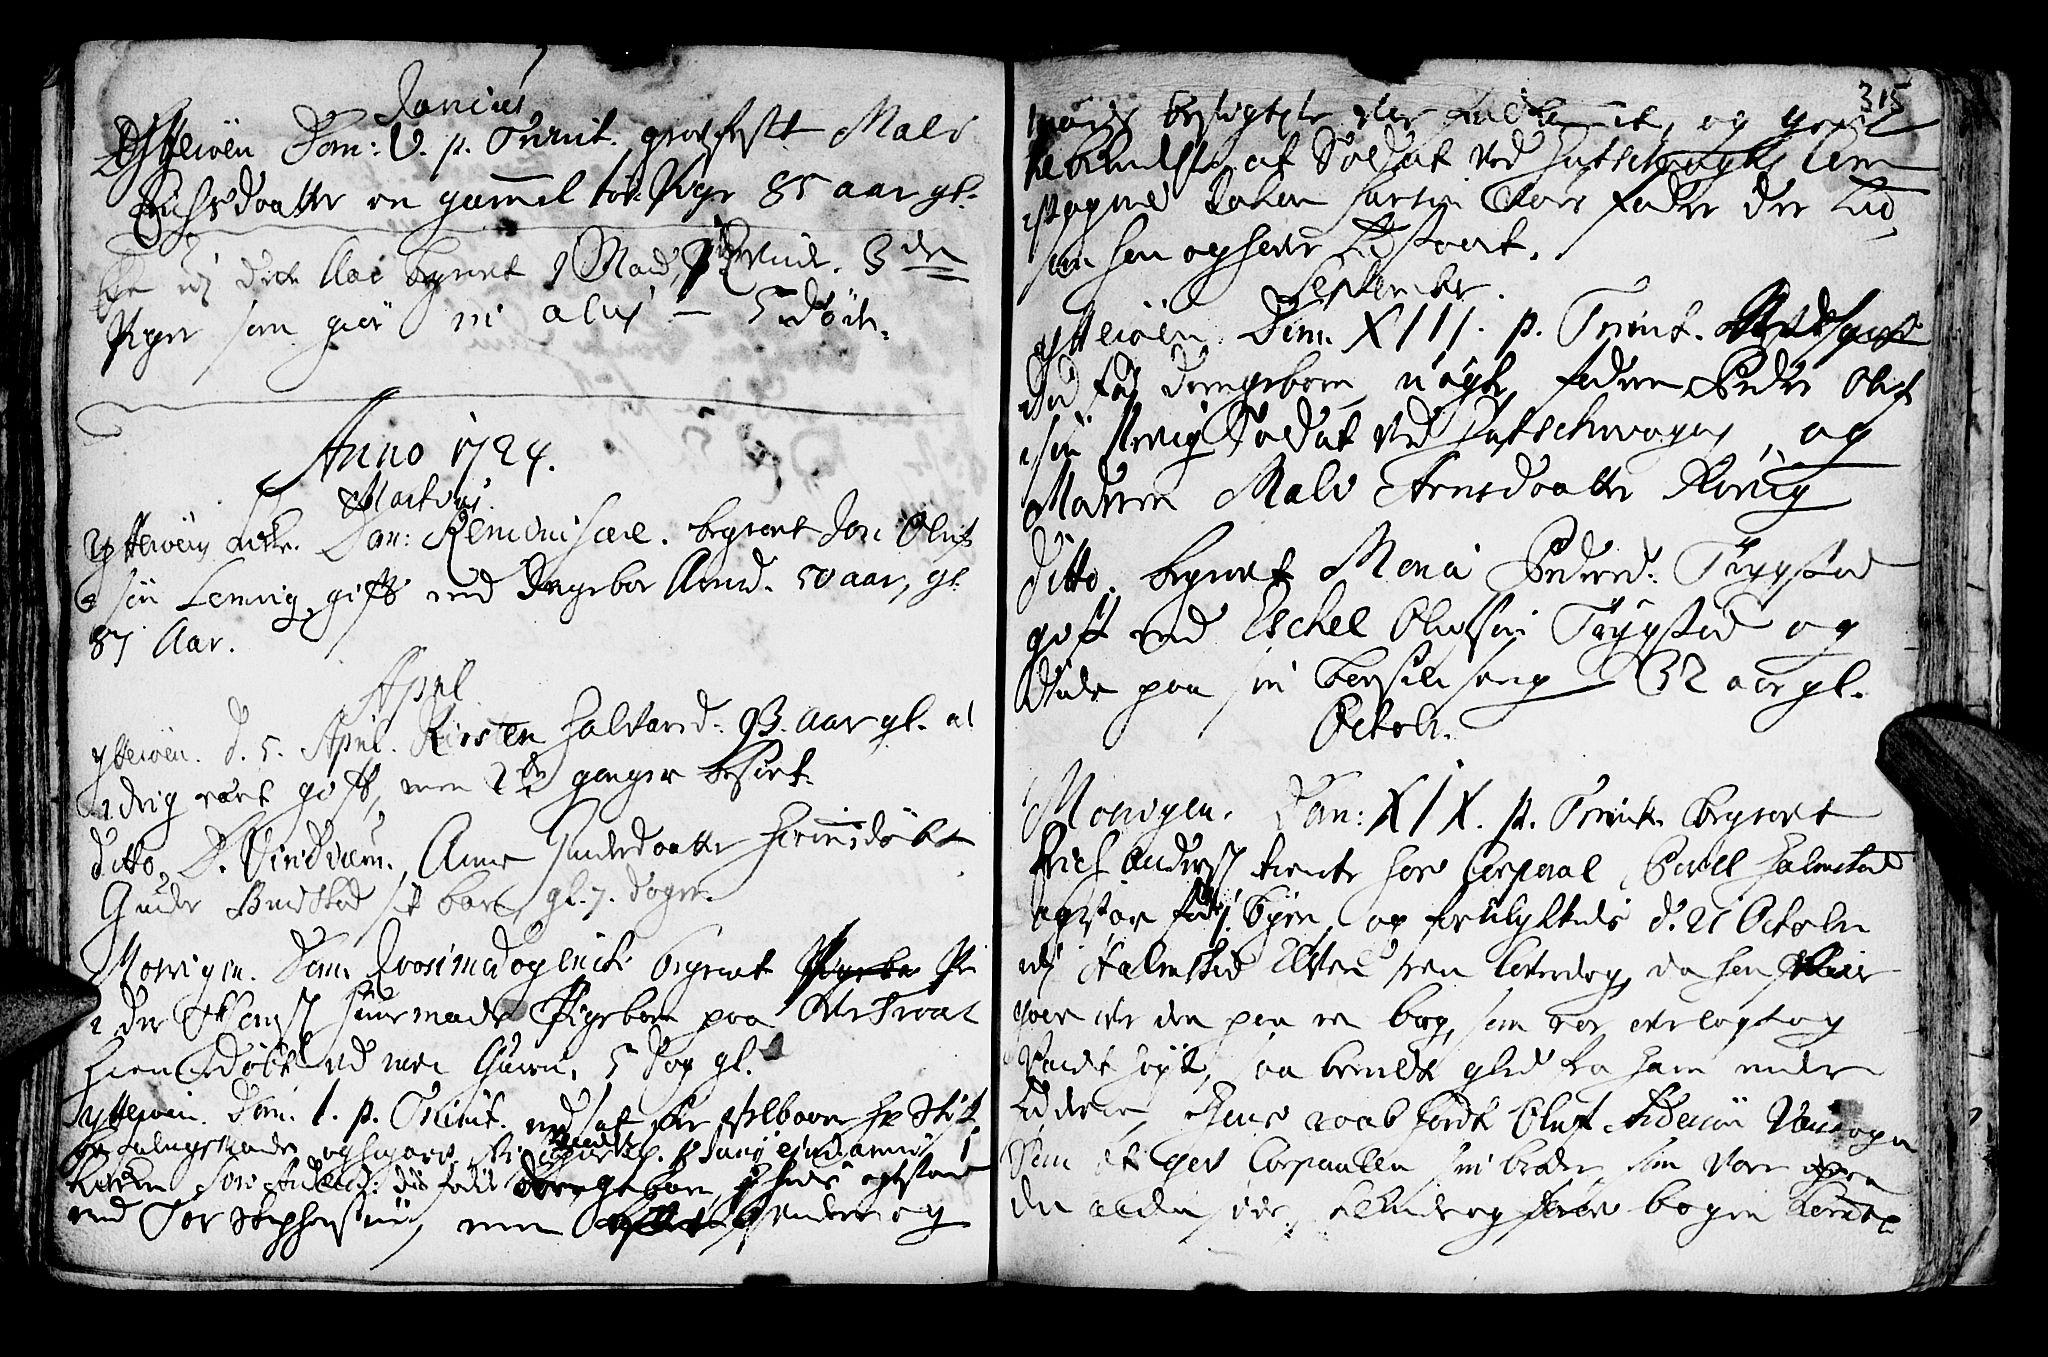 SAT, Ministerialprotokoller, klokkerbøker og fødselsregistre - Nord-Trøndelag, 722/L0215: Ministerialbok nr. 722A02, 1718-1755, s. 315